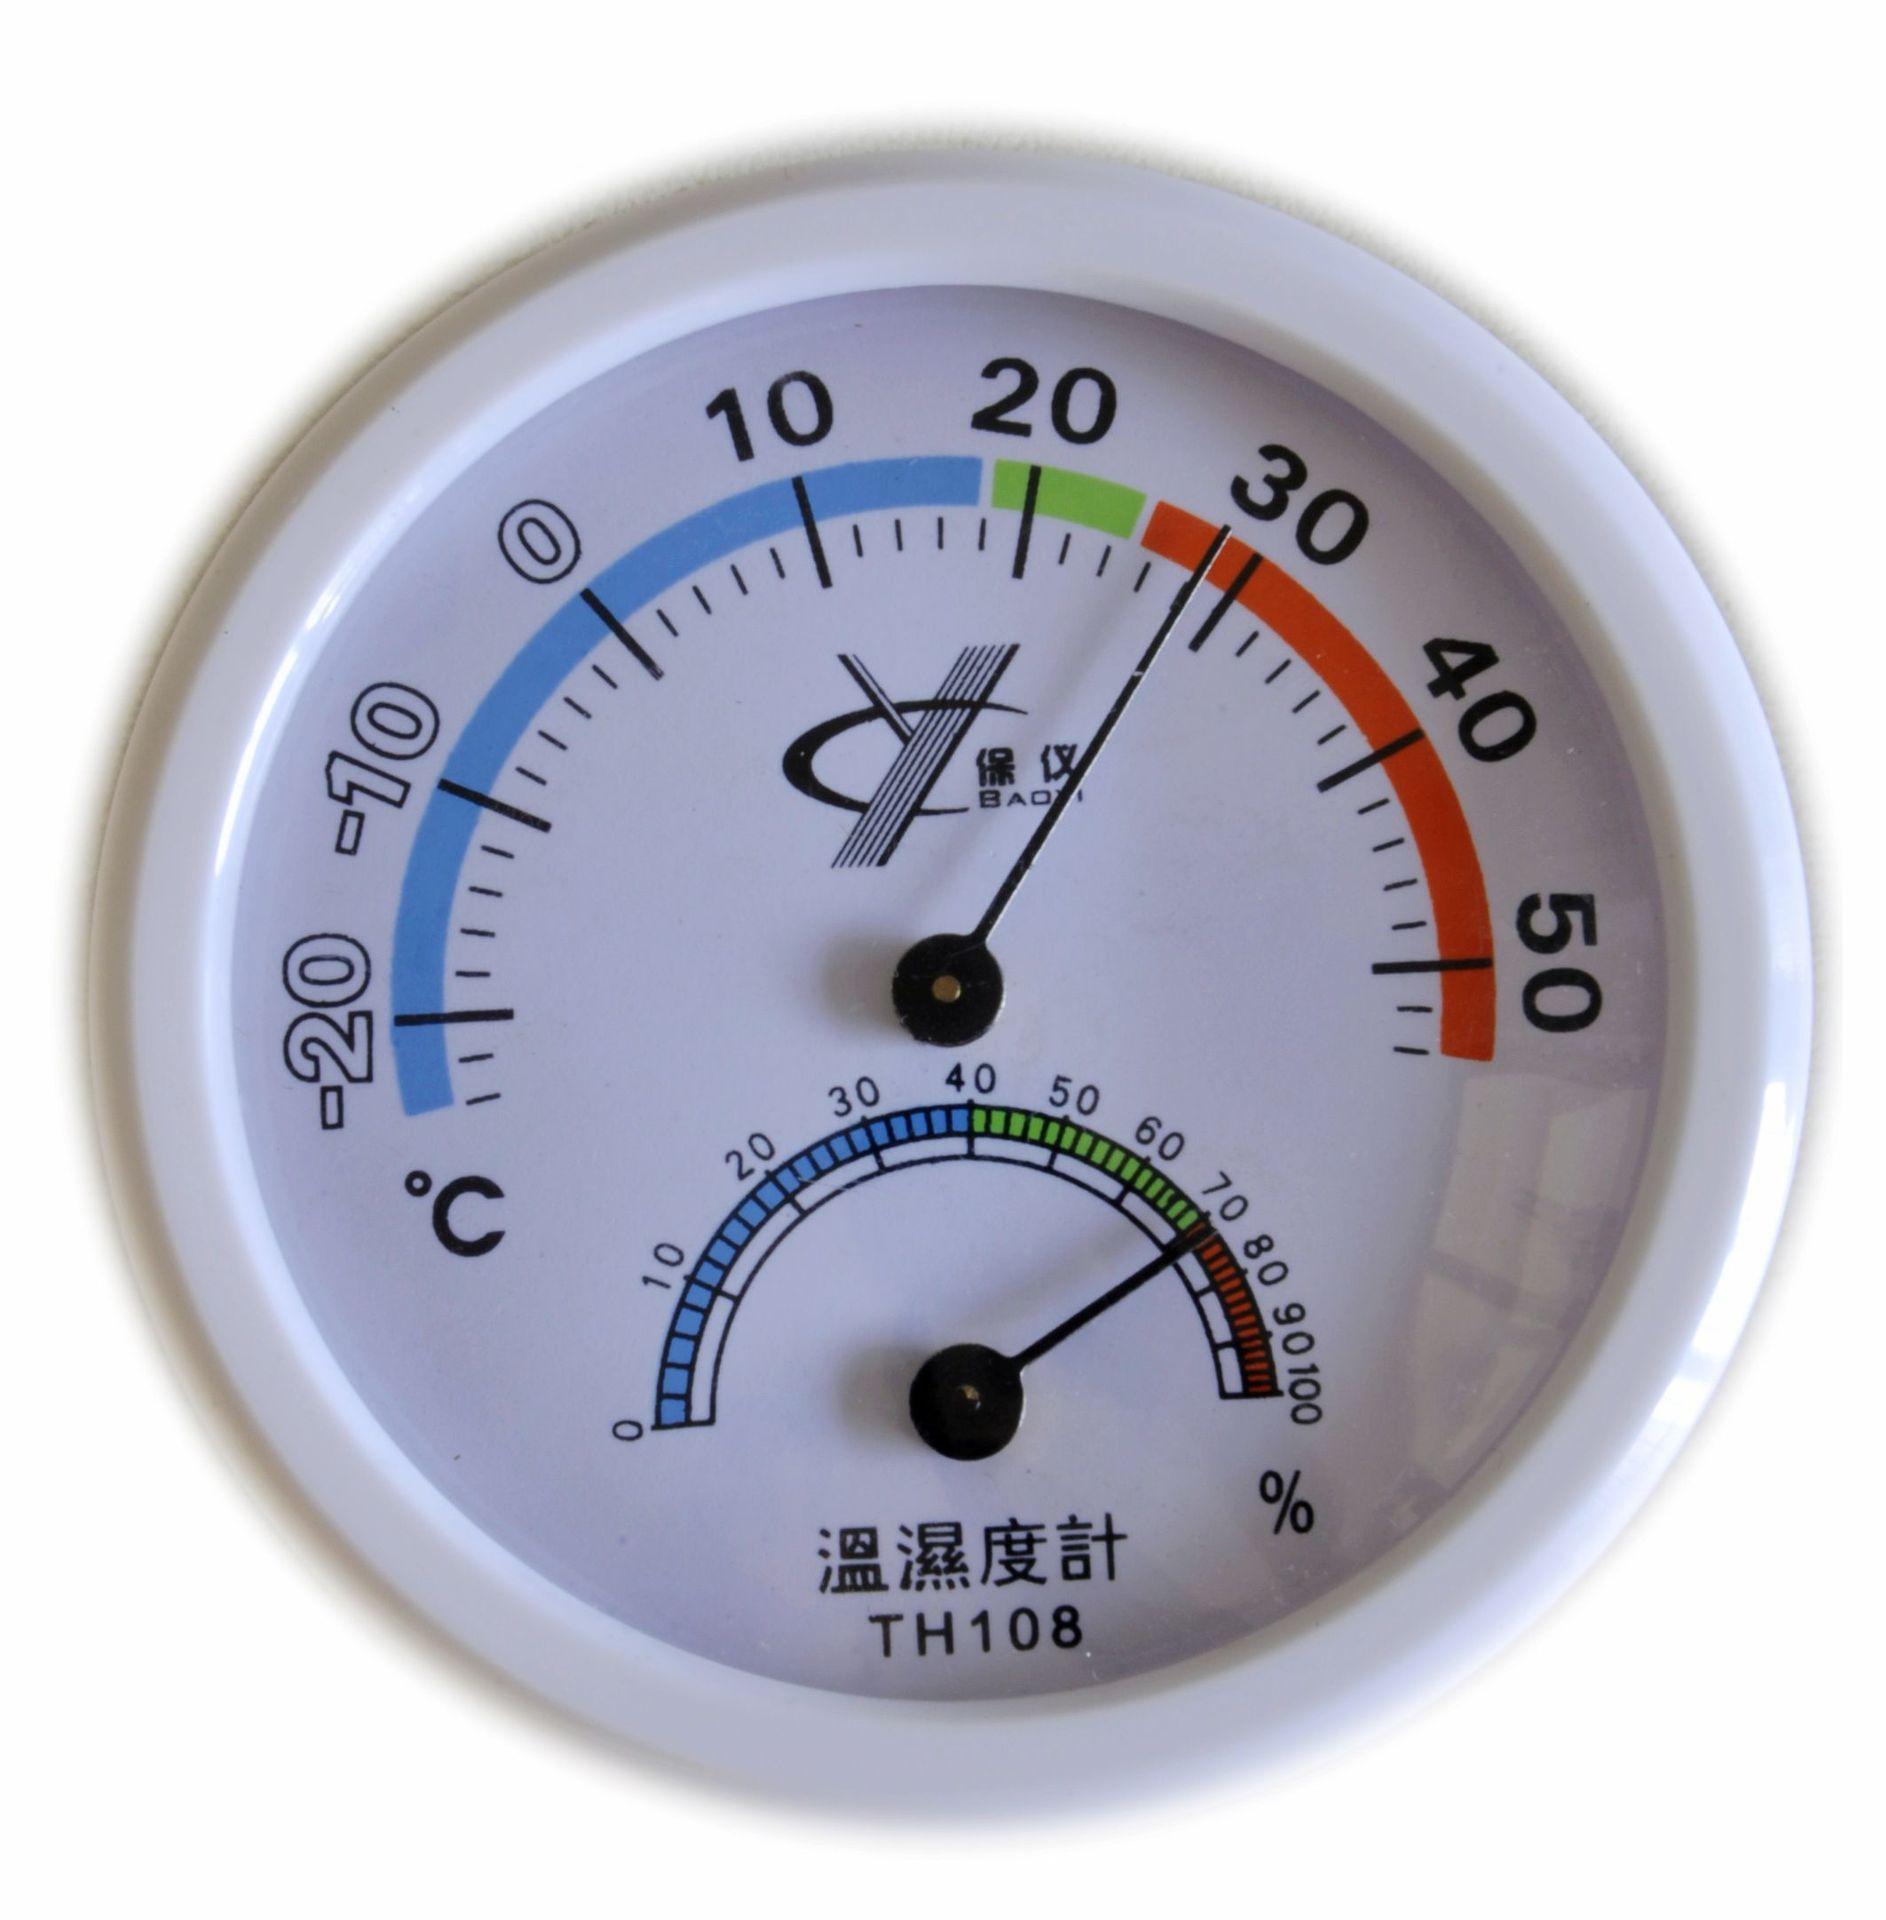 BAOYI Đồng hồ đo nhiệt độ , độ ẩm Nhiệt kế trong nhà Bao Yi 108 và nhiệt kế kế đo nhiệt kế mini bé